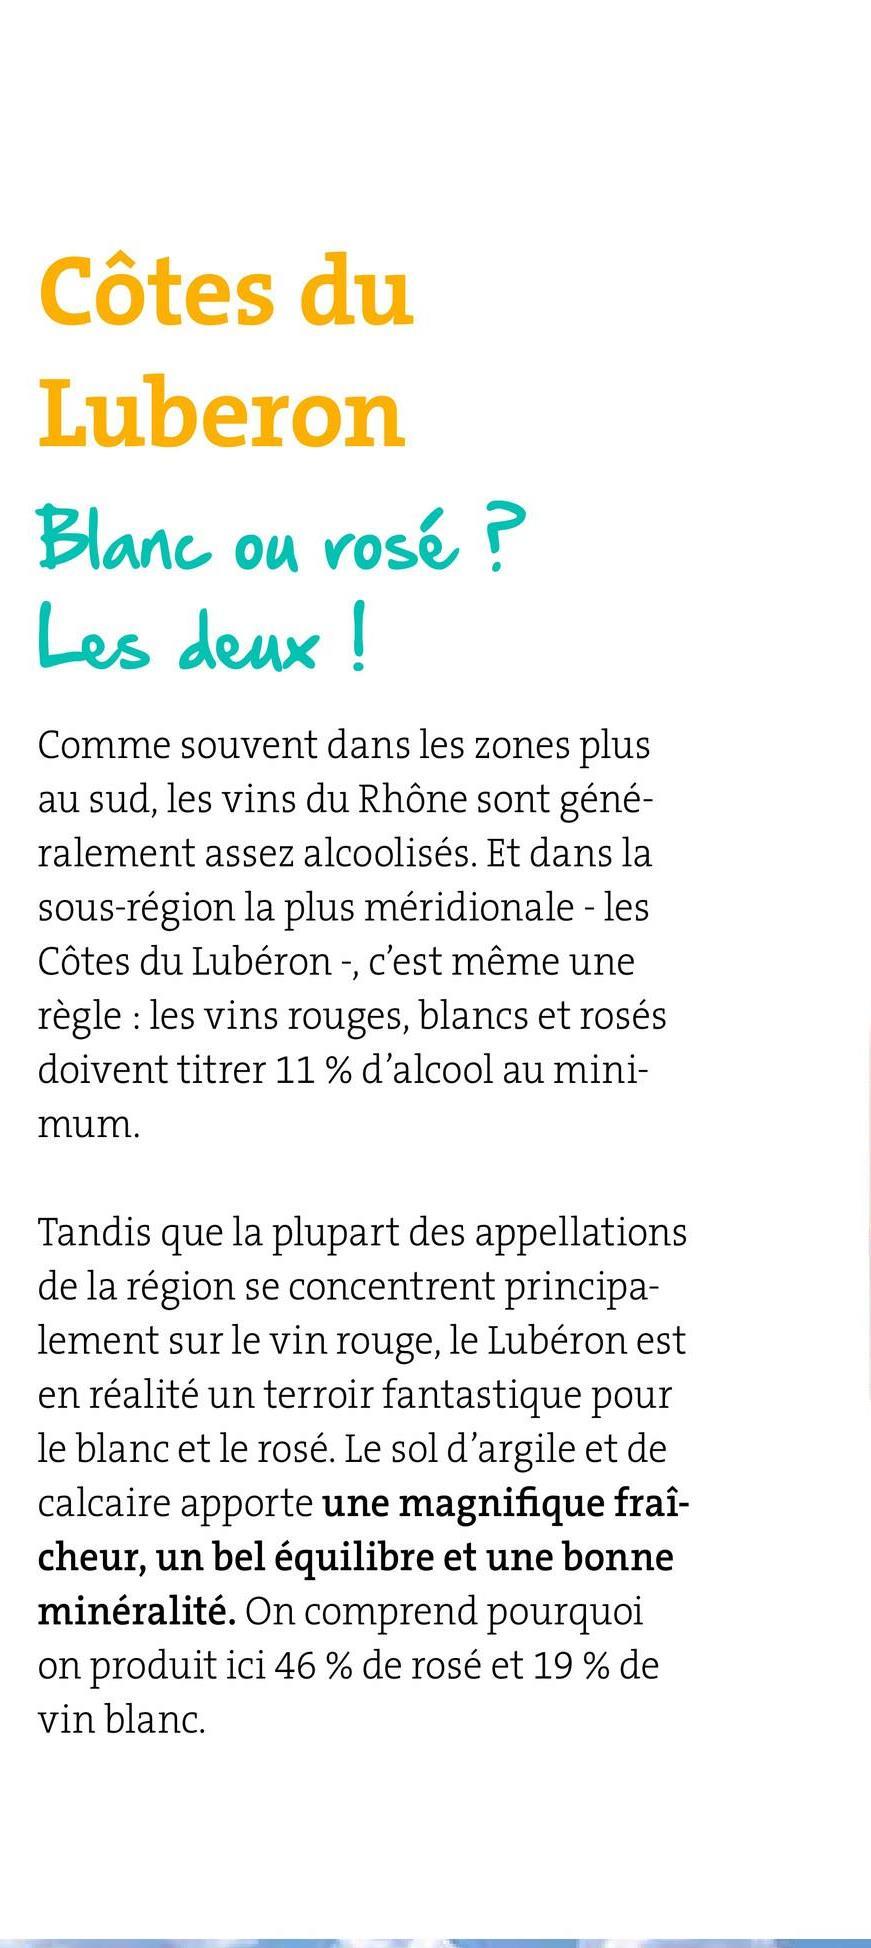 Côtes du Luberon Blanc ou rosé ? Les deux ! Comme souvent dans les zones plus au sud, les vins du Rhône sont géné- ralement assez alcoolisés. Et dans la sous-région la plus méridionale - les Côtes du Lubéron -, c'est même une règle : les vins rouges, blancs et rosés doivent titrer 11% d'alcool au mini- mum. Tandis que la plupart des appellations de la région se concentrent principa- lement sur le vin rouge, le Lubéron est en réalité un terroir fantastique pour le blanc et le rosé. Le sol d'argile et de calcaire apporte une magnifique fraî- cheur, un bel équilibre et une bonne minéralité. On comprend pourquoi on produit ici 46% de rosé et 19 % de vin blanc.